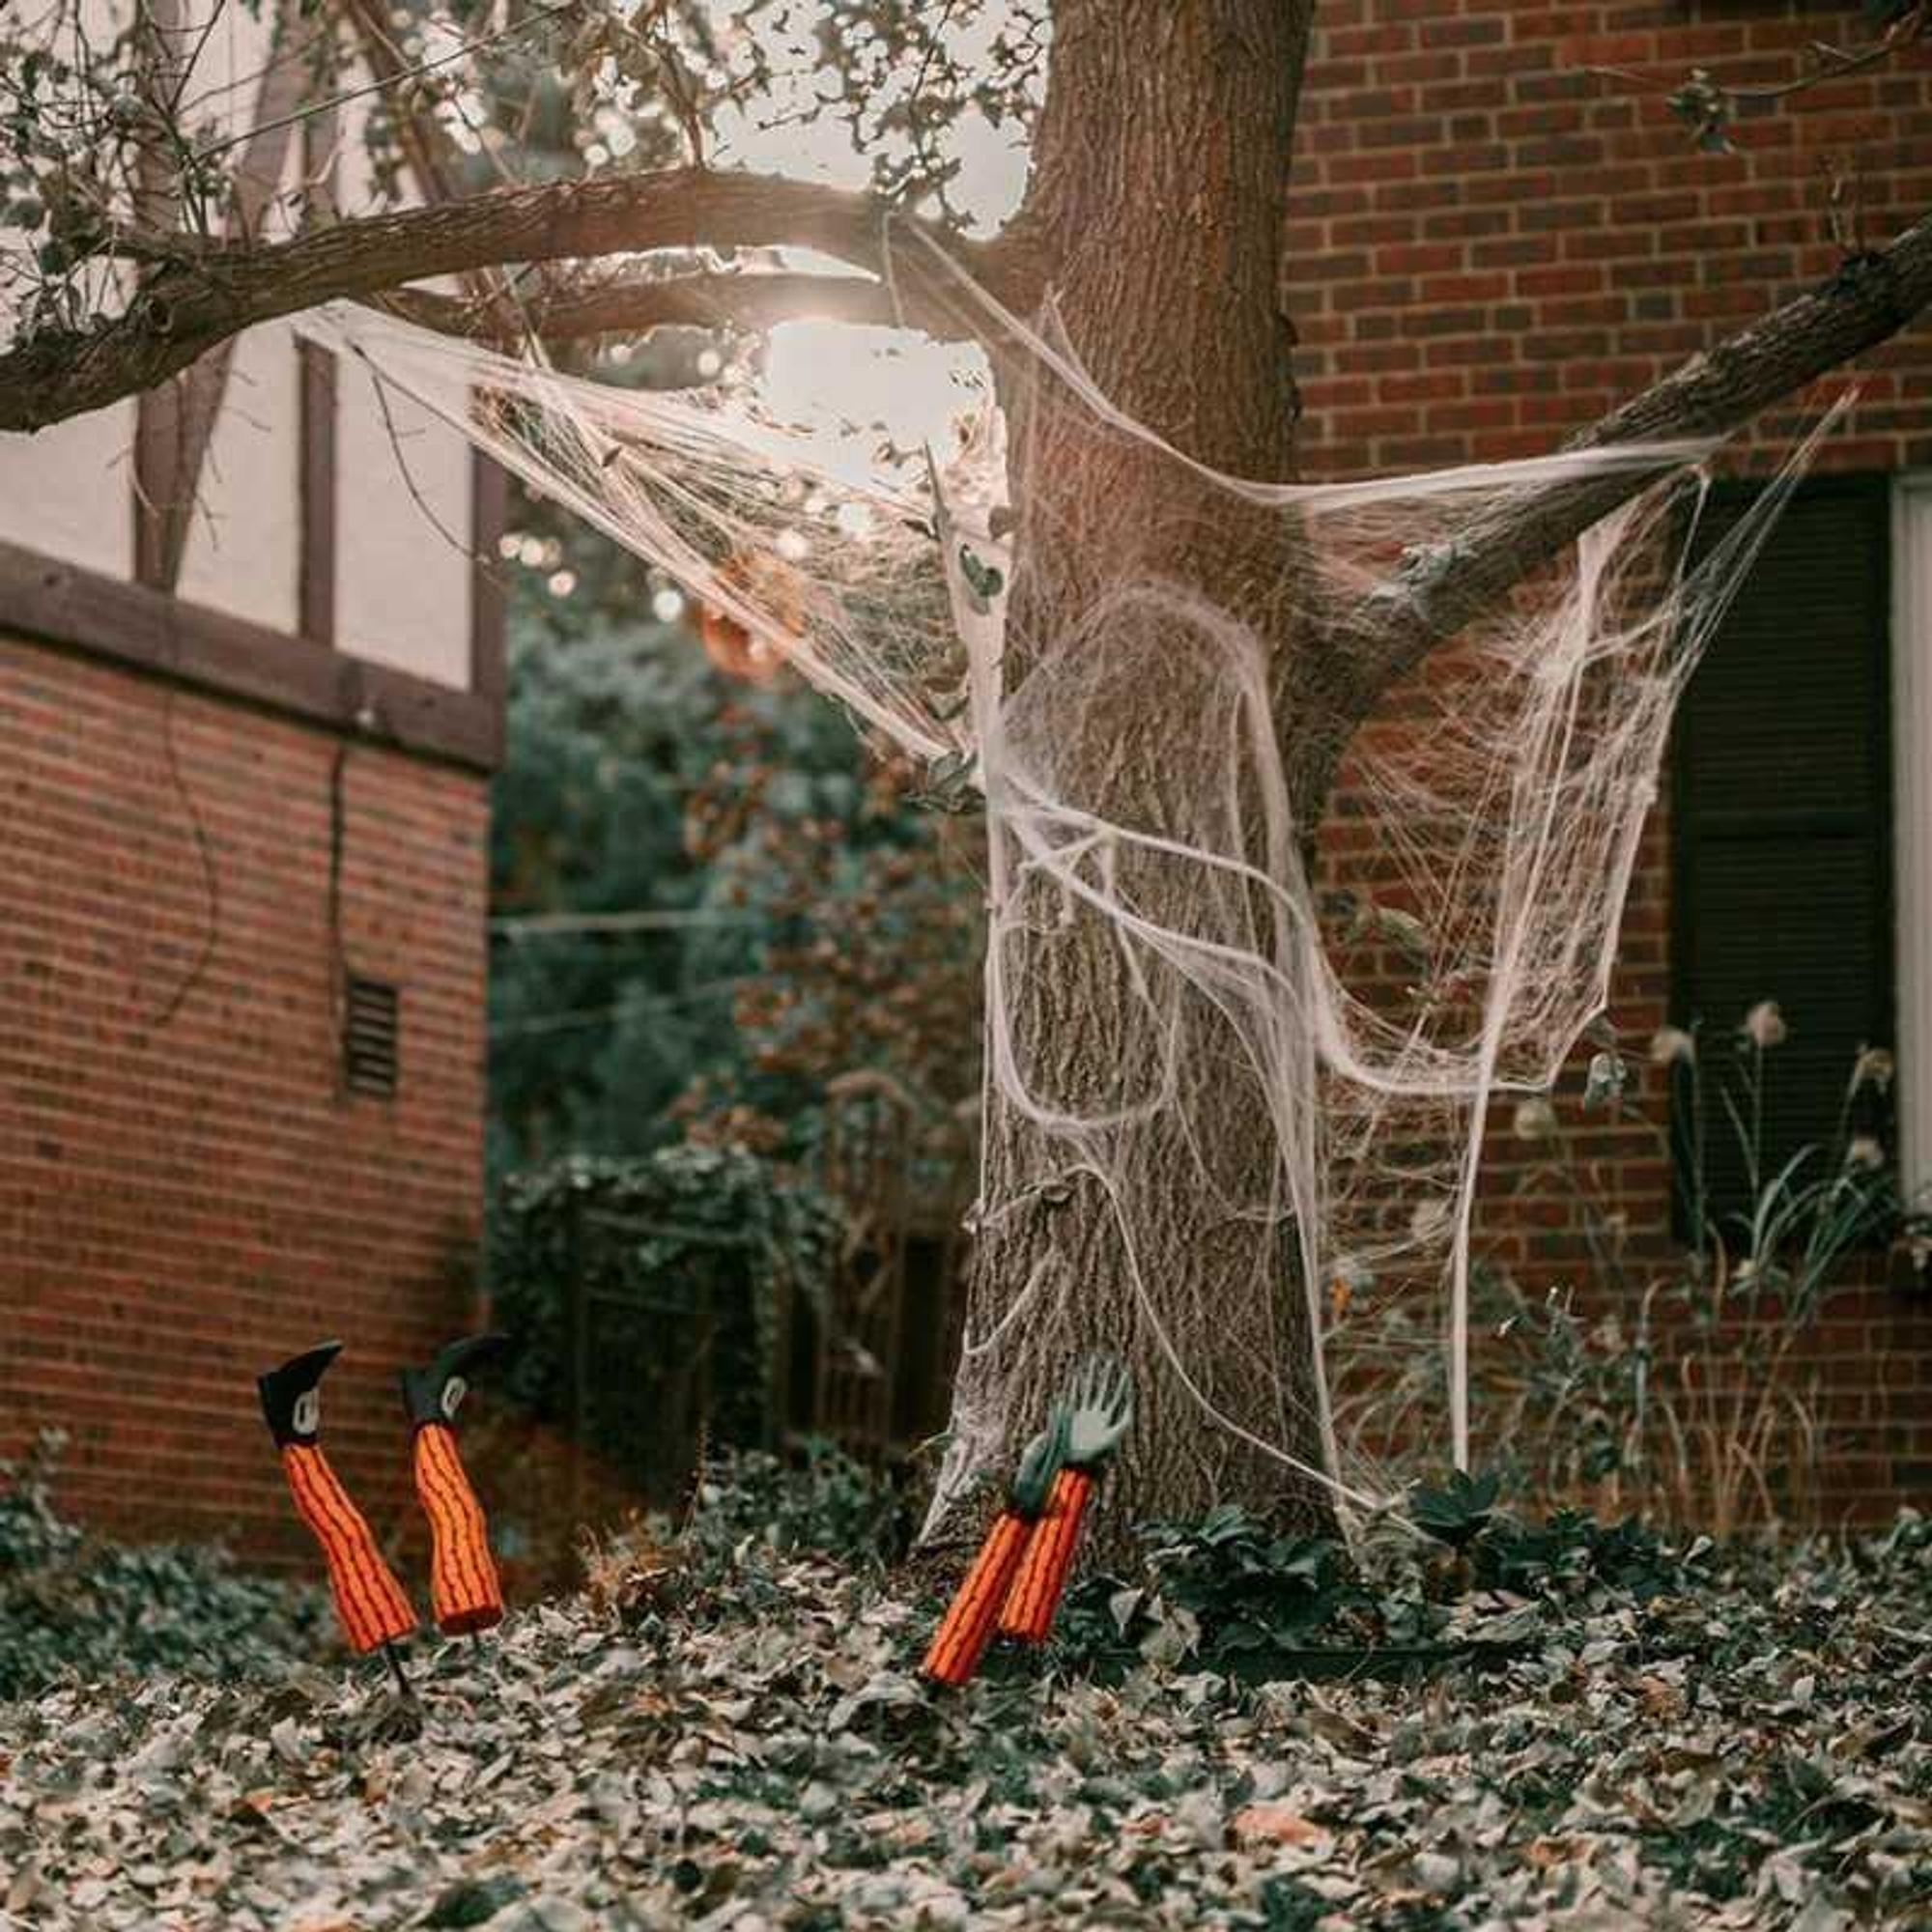 Halloween-Deko basteln für den Garten: Spinnenweben am Baum